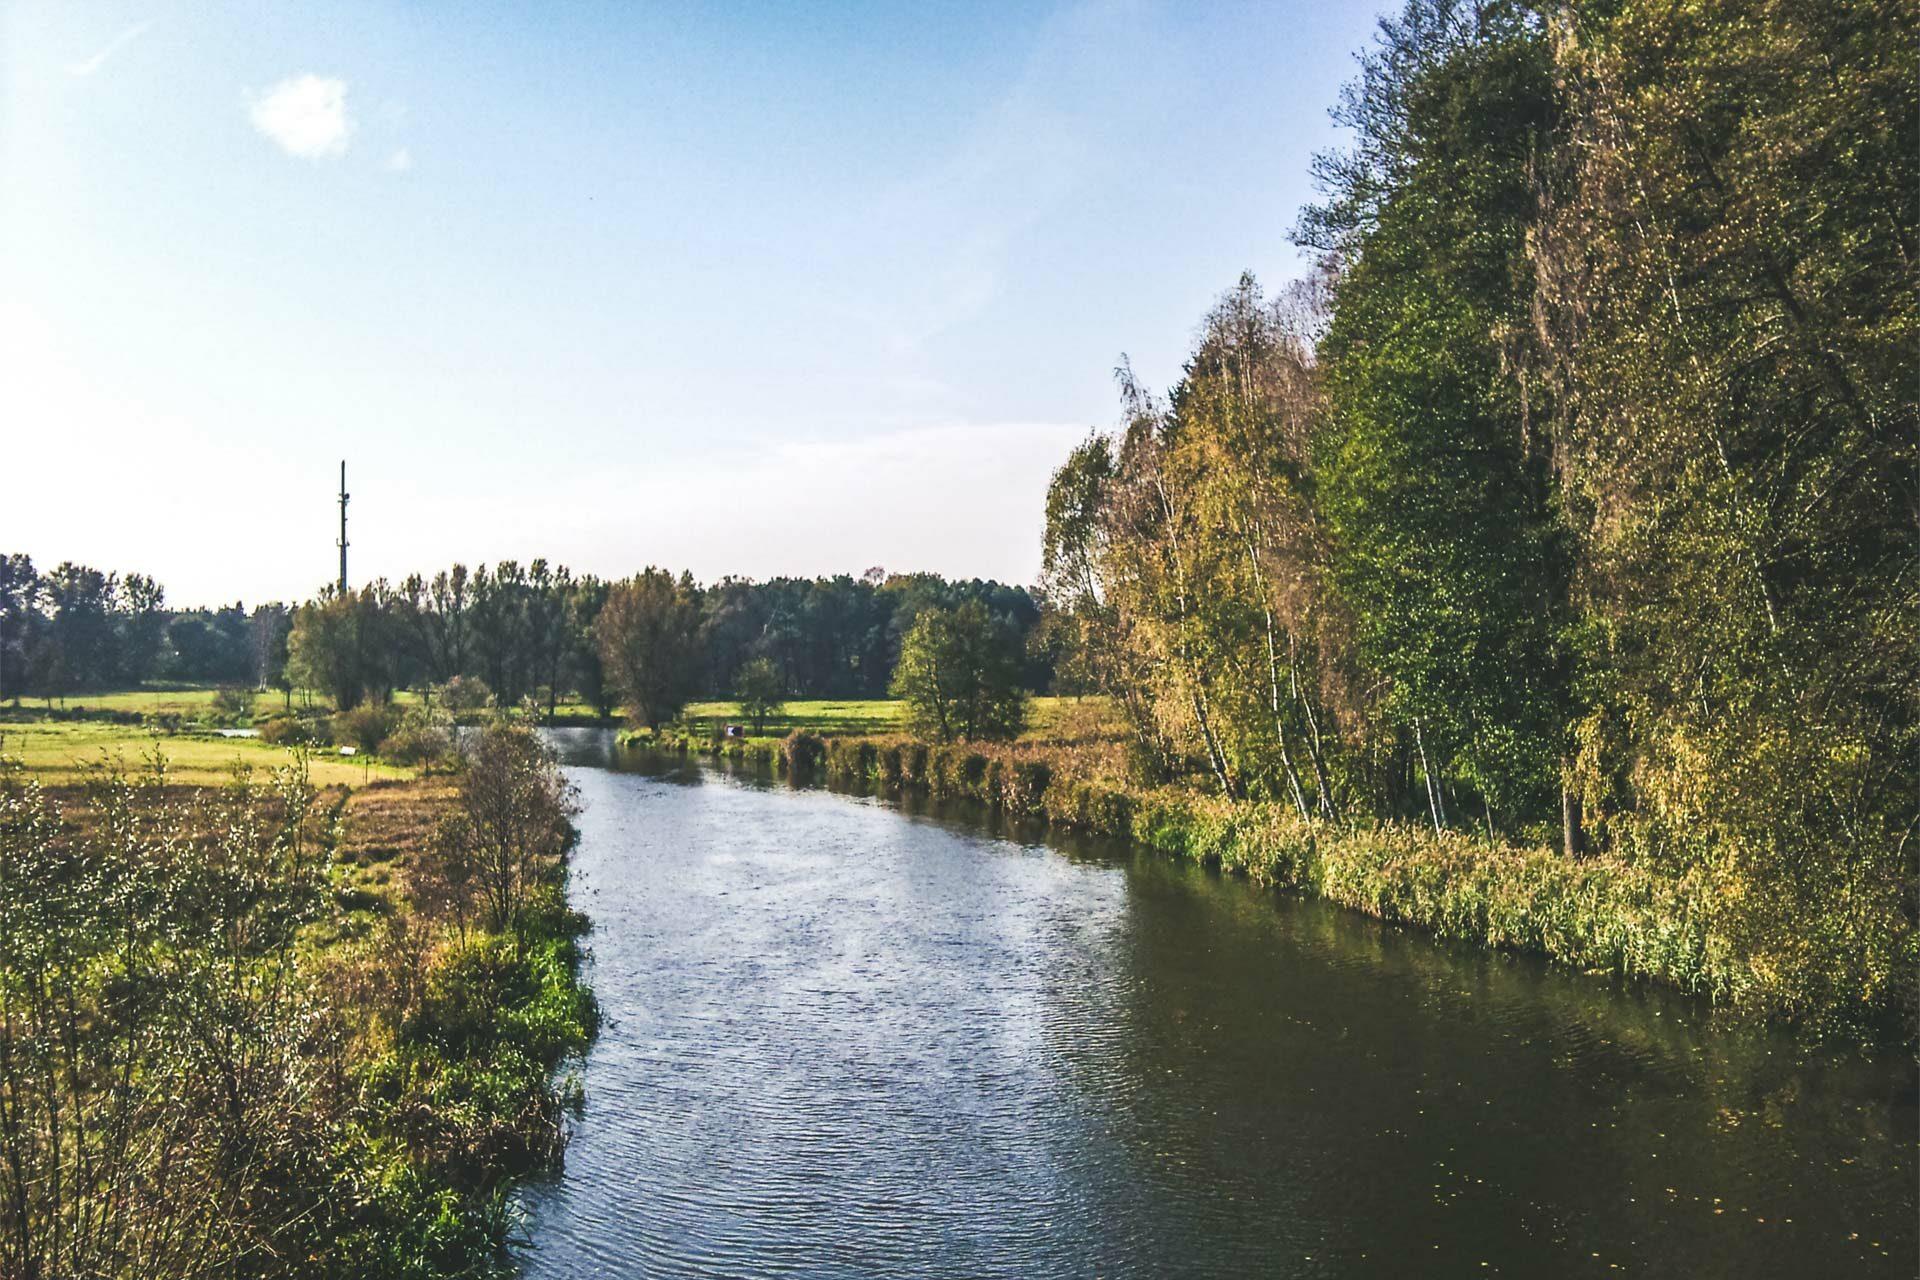 Entlang des Spree-Dahme-Umluftkanals ist die Luft ganz schön. Das Wasser aber auch.